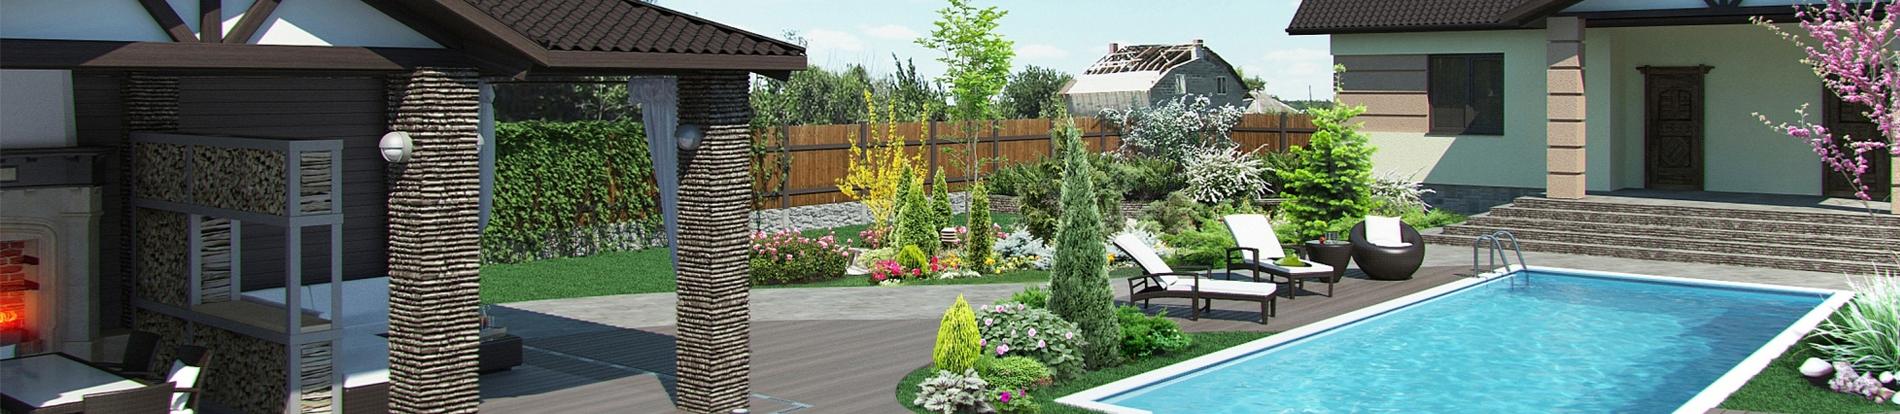 giardini idee pratiche manutenzione : Rendering di giardini - terrazzi - rotonde - VerdeBlu Giardini